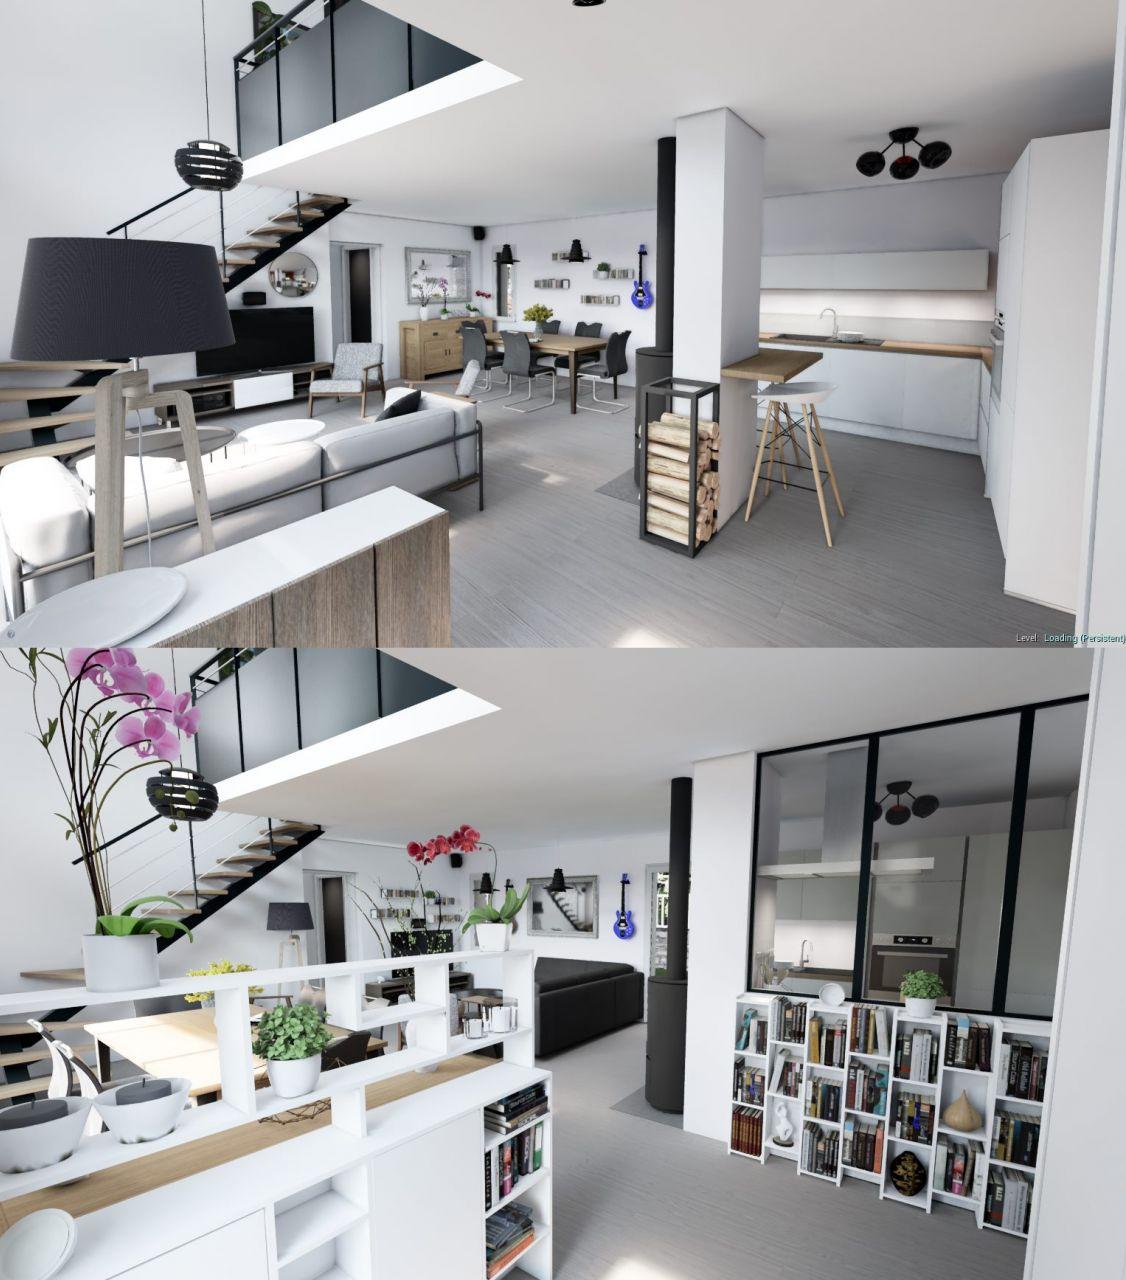 Modification de la cuisine et de la disposition de la pièce de vie après mise à jour des plans d exécution. Démarcation d'un entrée.